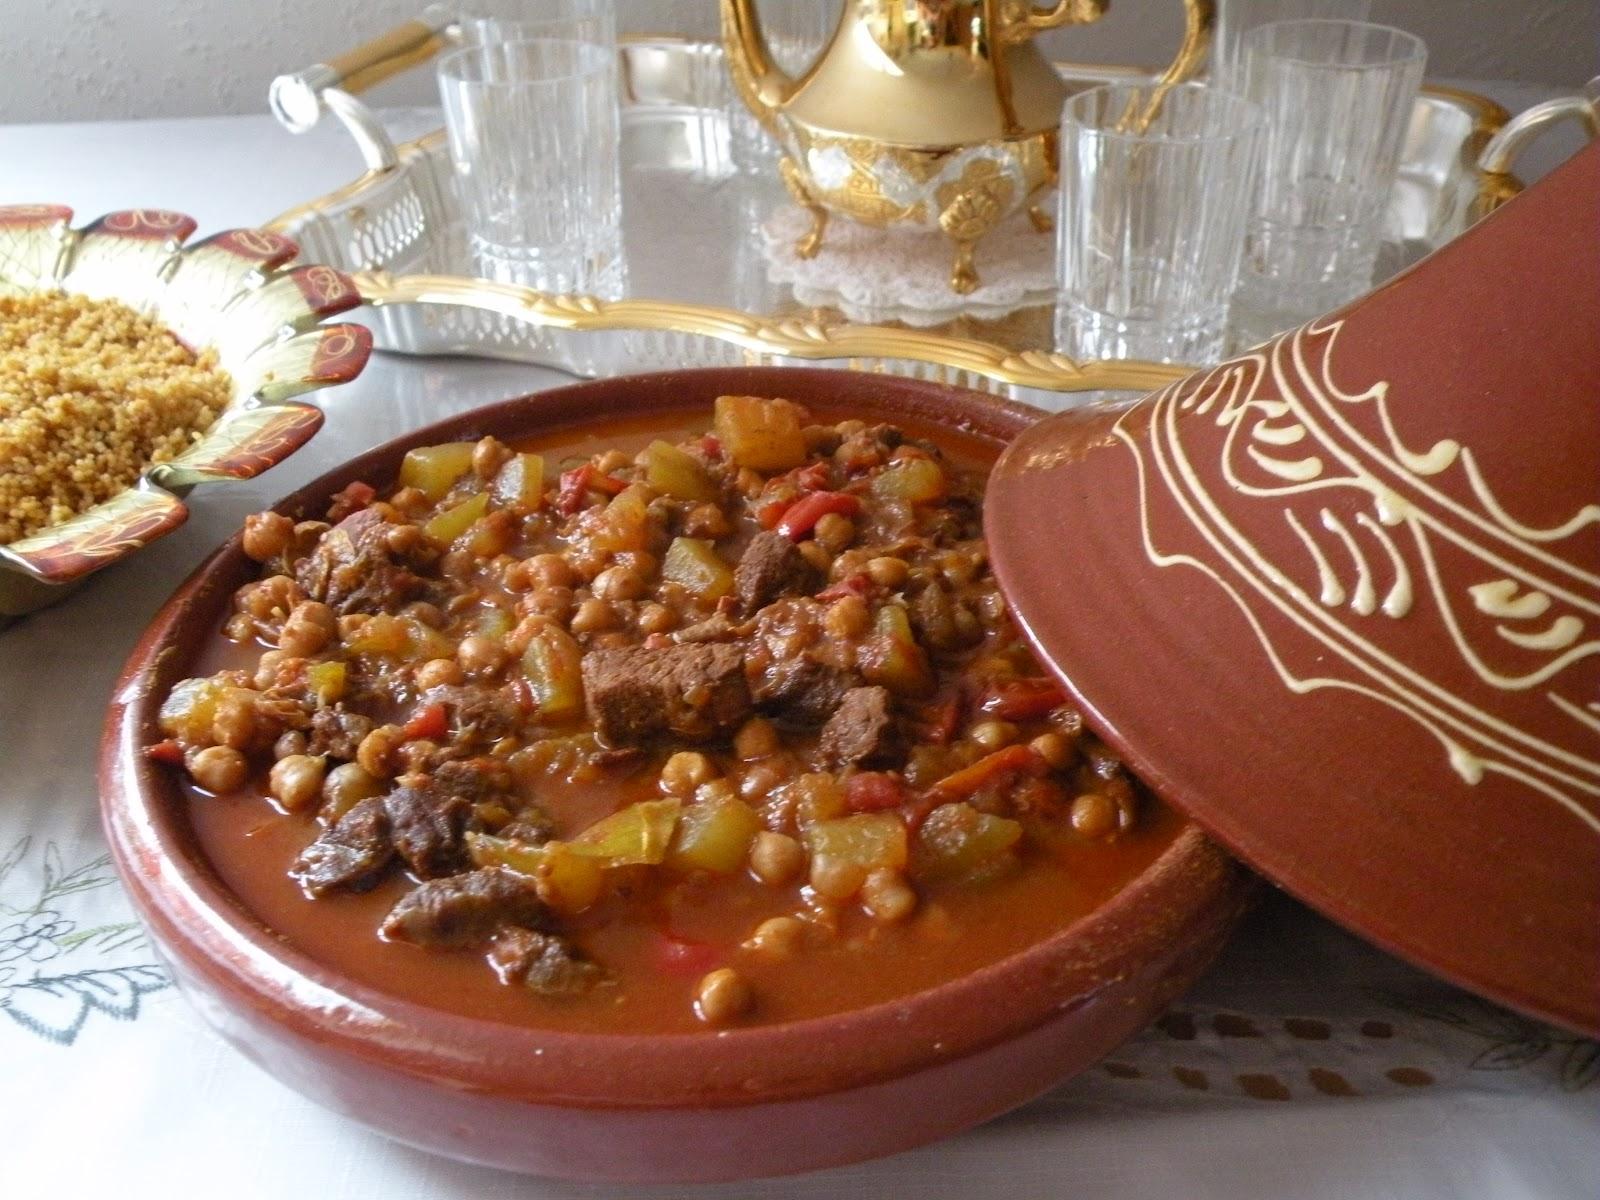 kochen mit herz: marokkanische rezepte - Marokkanische Küche Rezepte